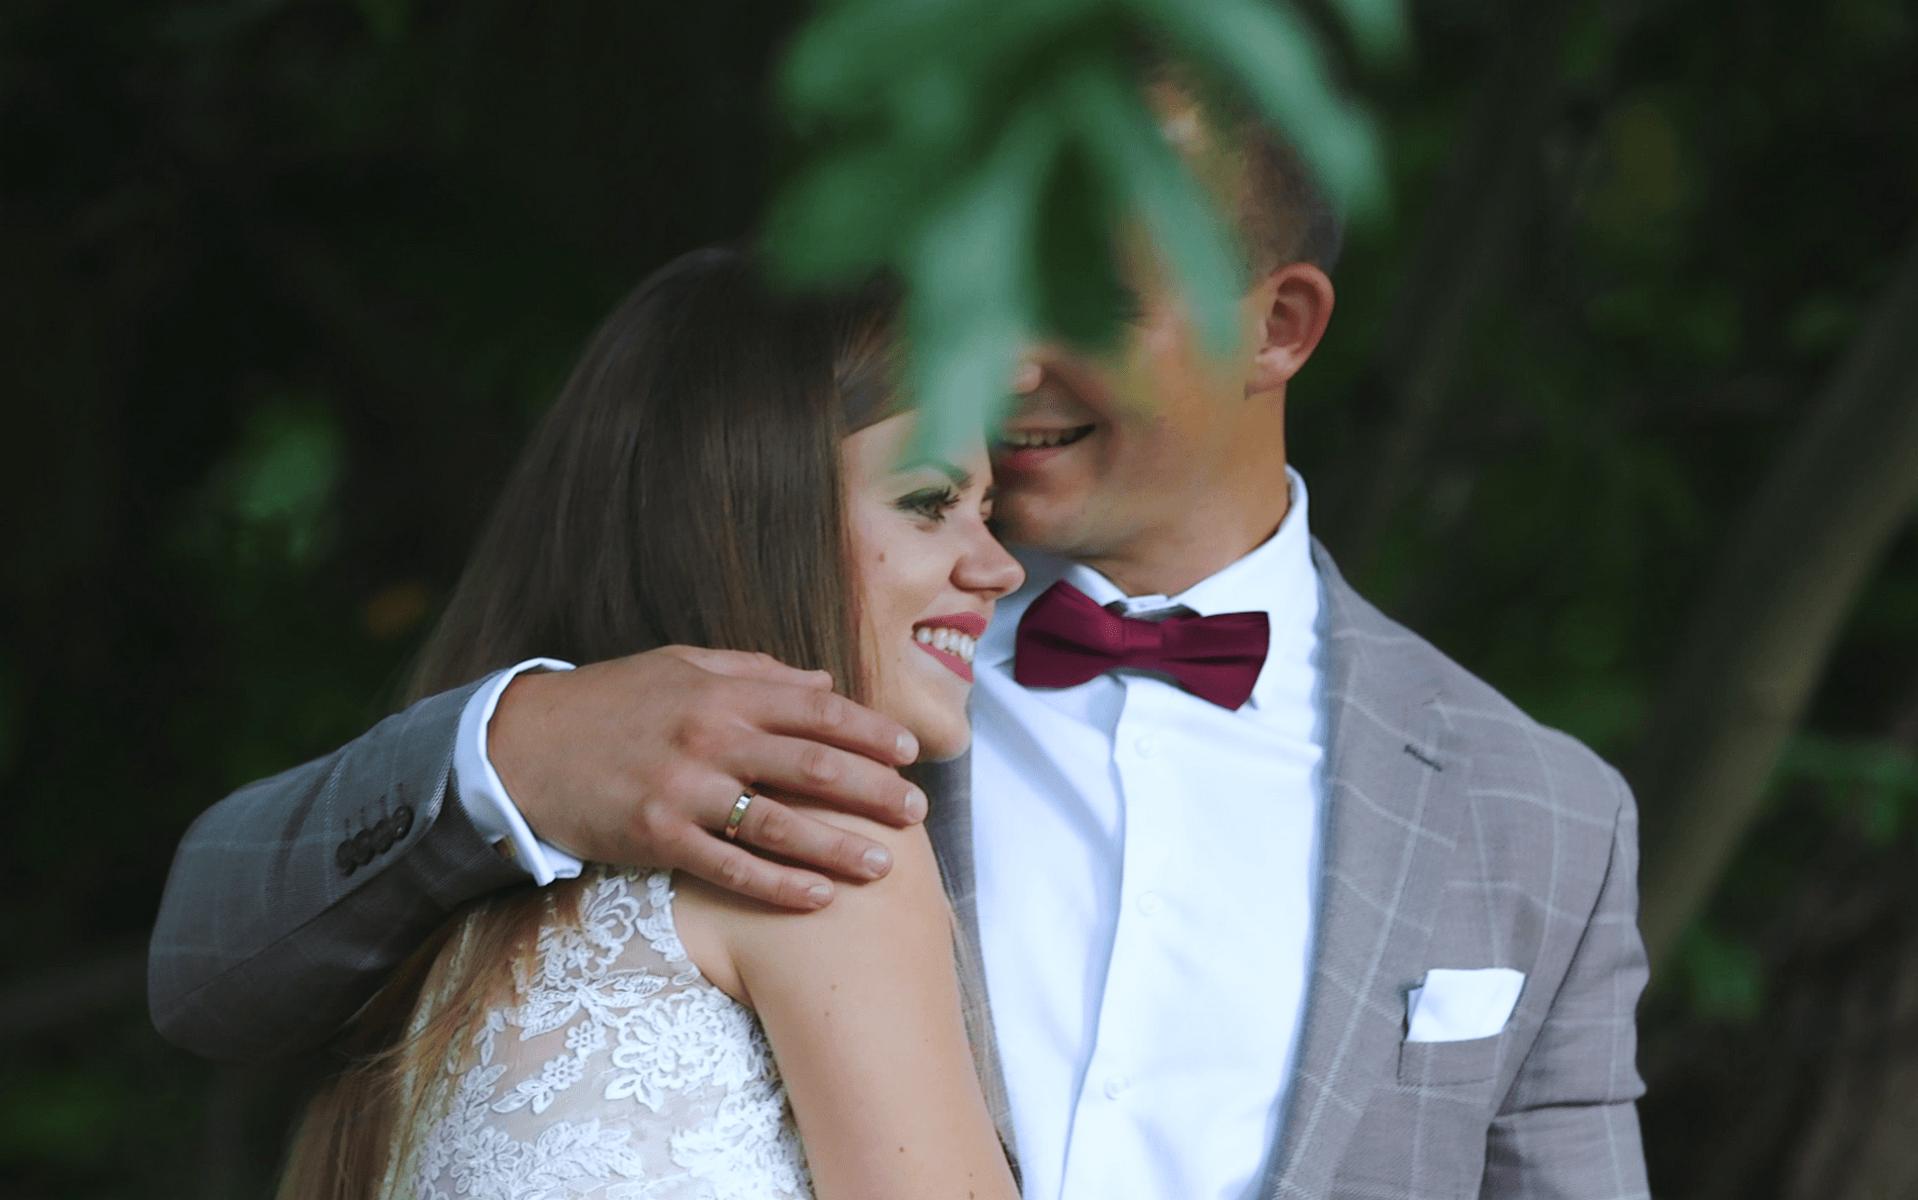 Ogród Botaniczny Siedem Drzew Biskupice filmowanie wesel